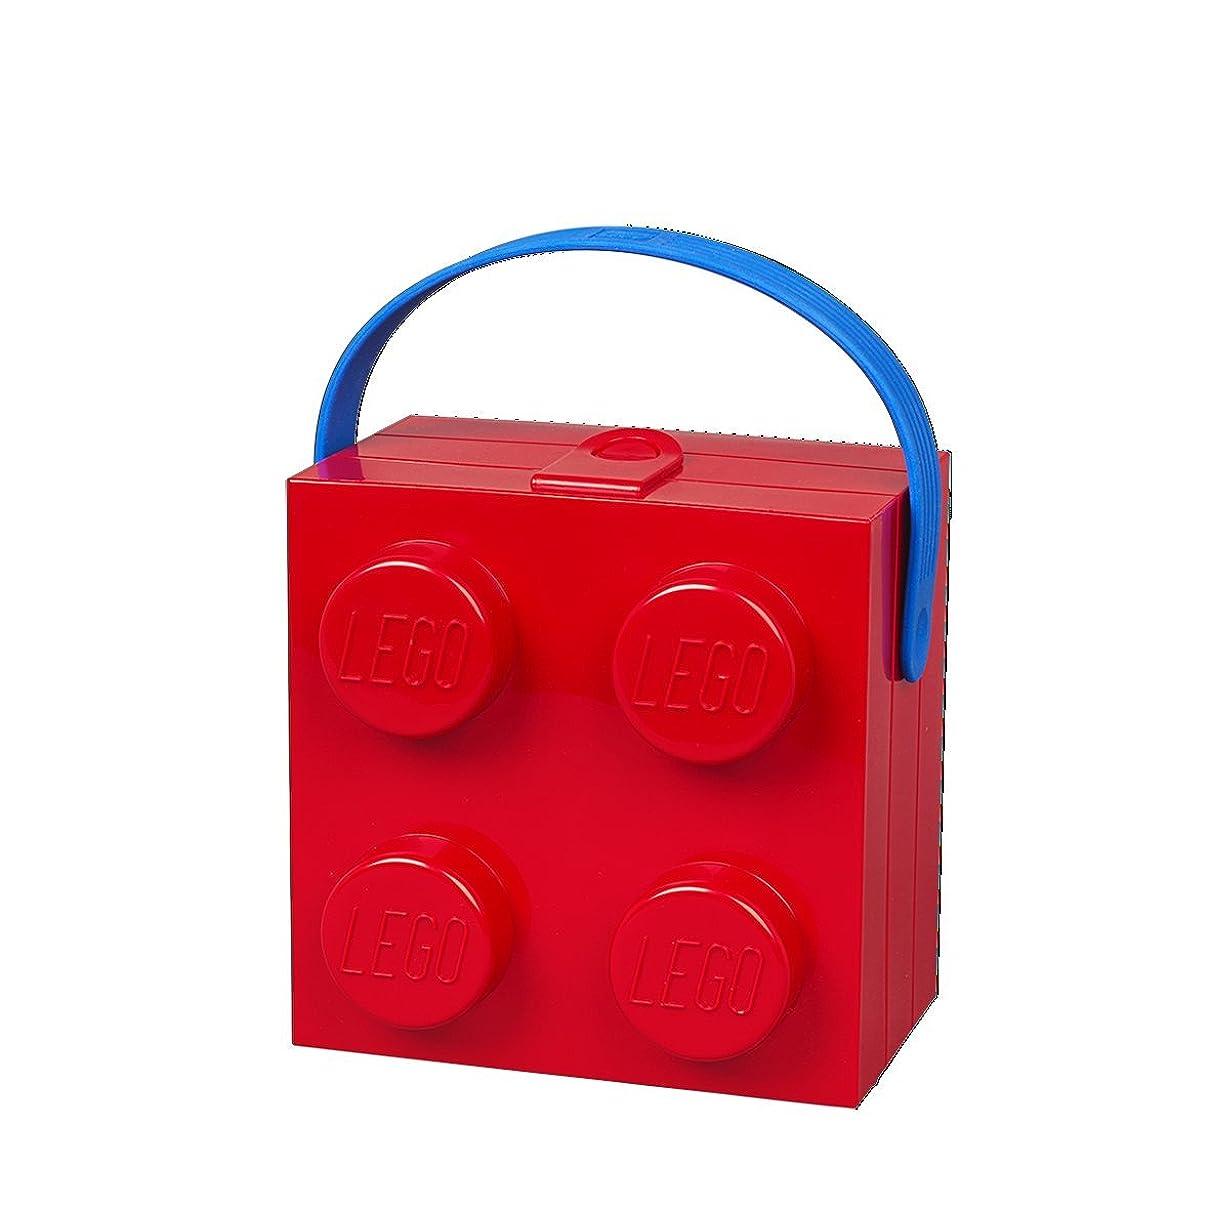 阻害する雷雨甥LEGO(レゴ) 収納ケース?ボックス レッド 173×165×116mm 4024